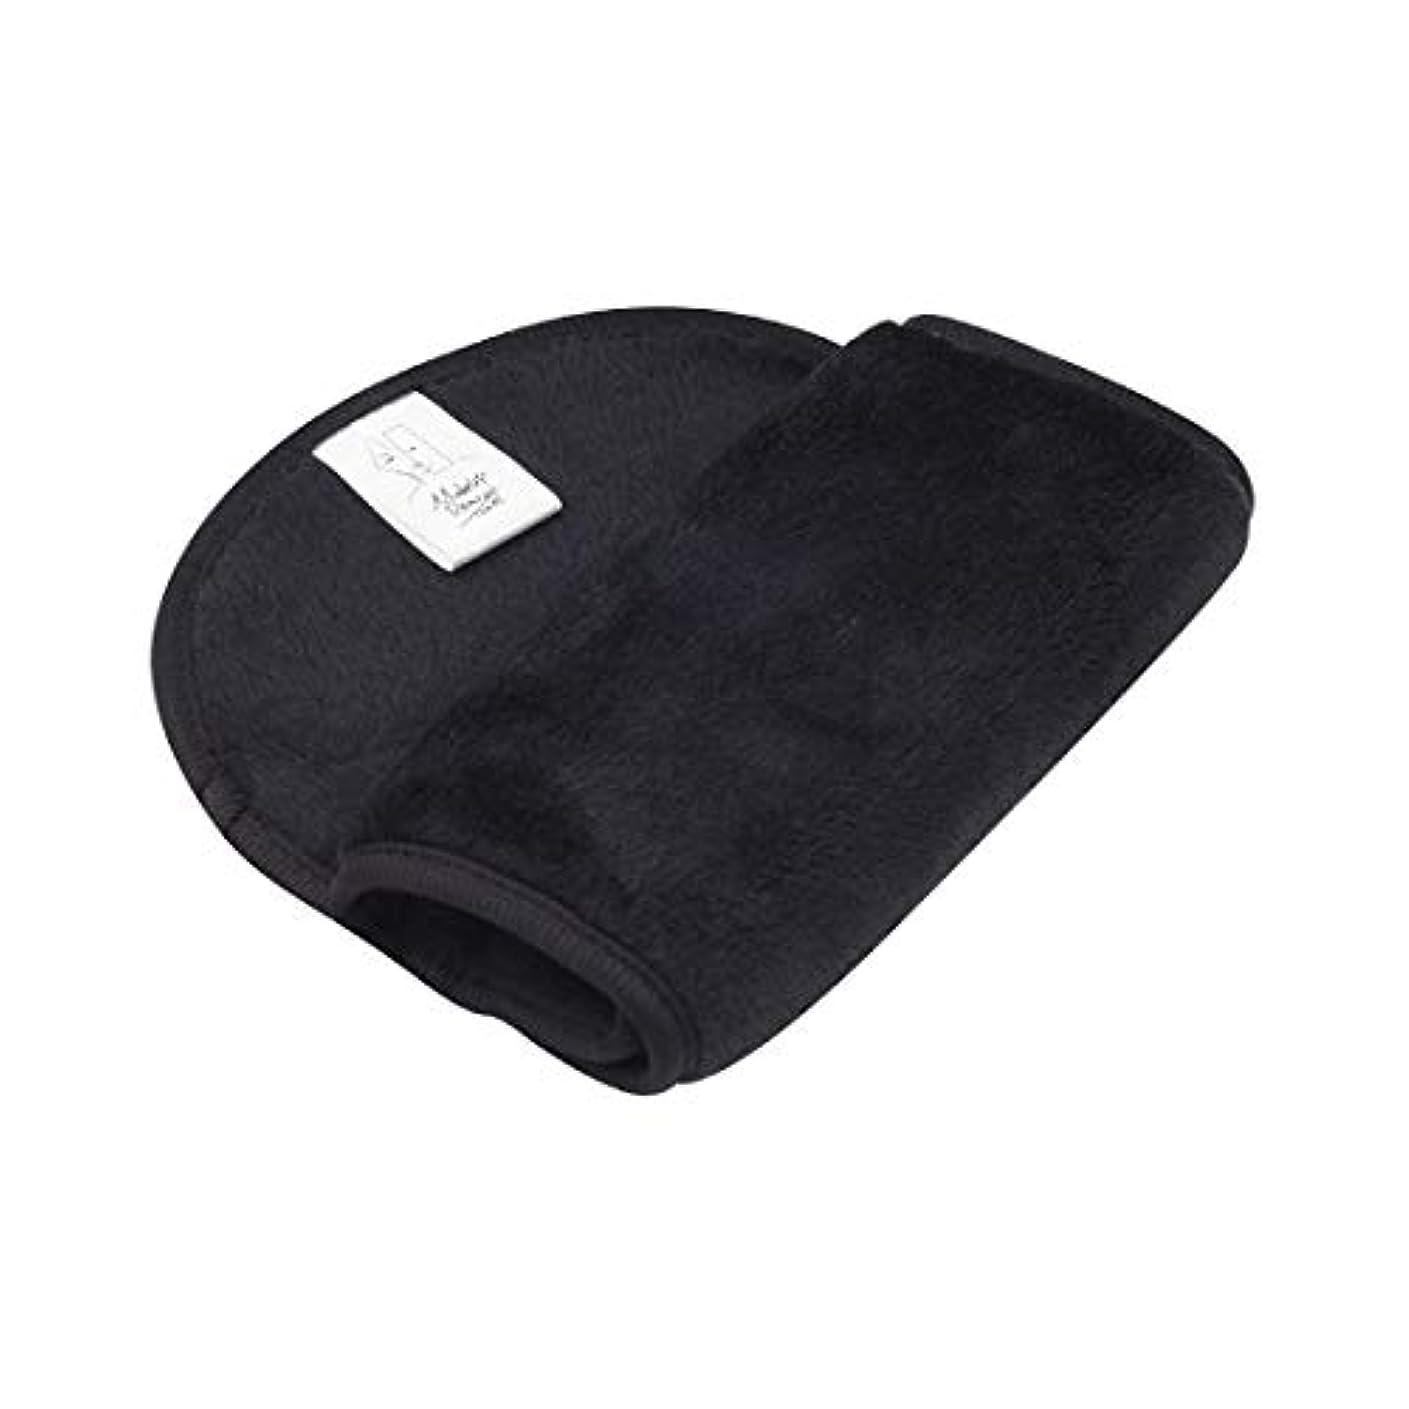 シルク処分した回転メイク落とし布マジックタオル、再利用可能な洗顔タオル - 化学薬品を含まない、ただ水で化粧をすぐに落とす(6PCS),Black